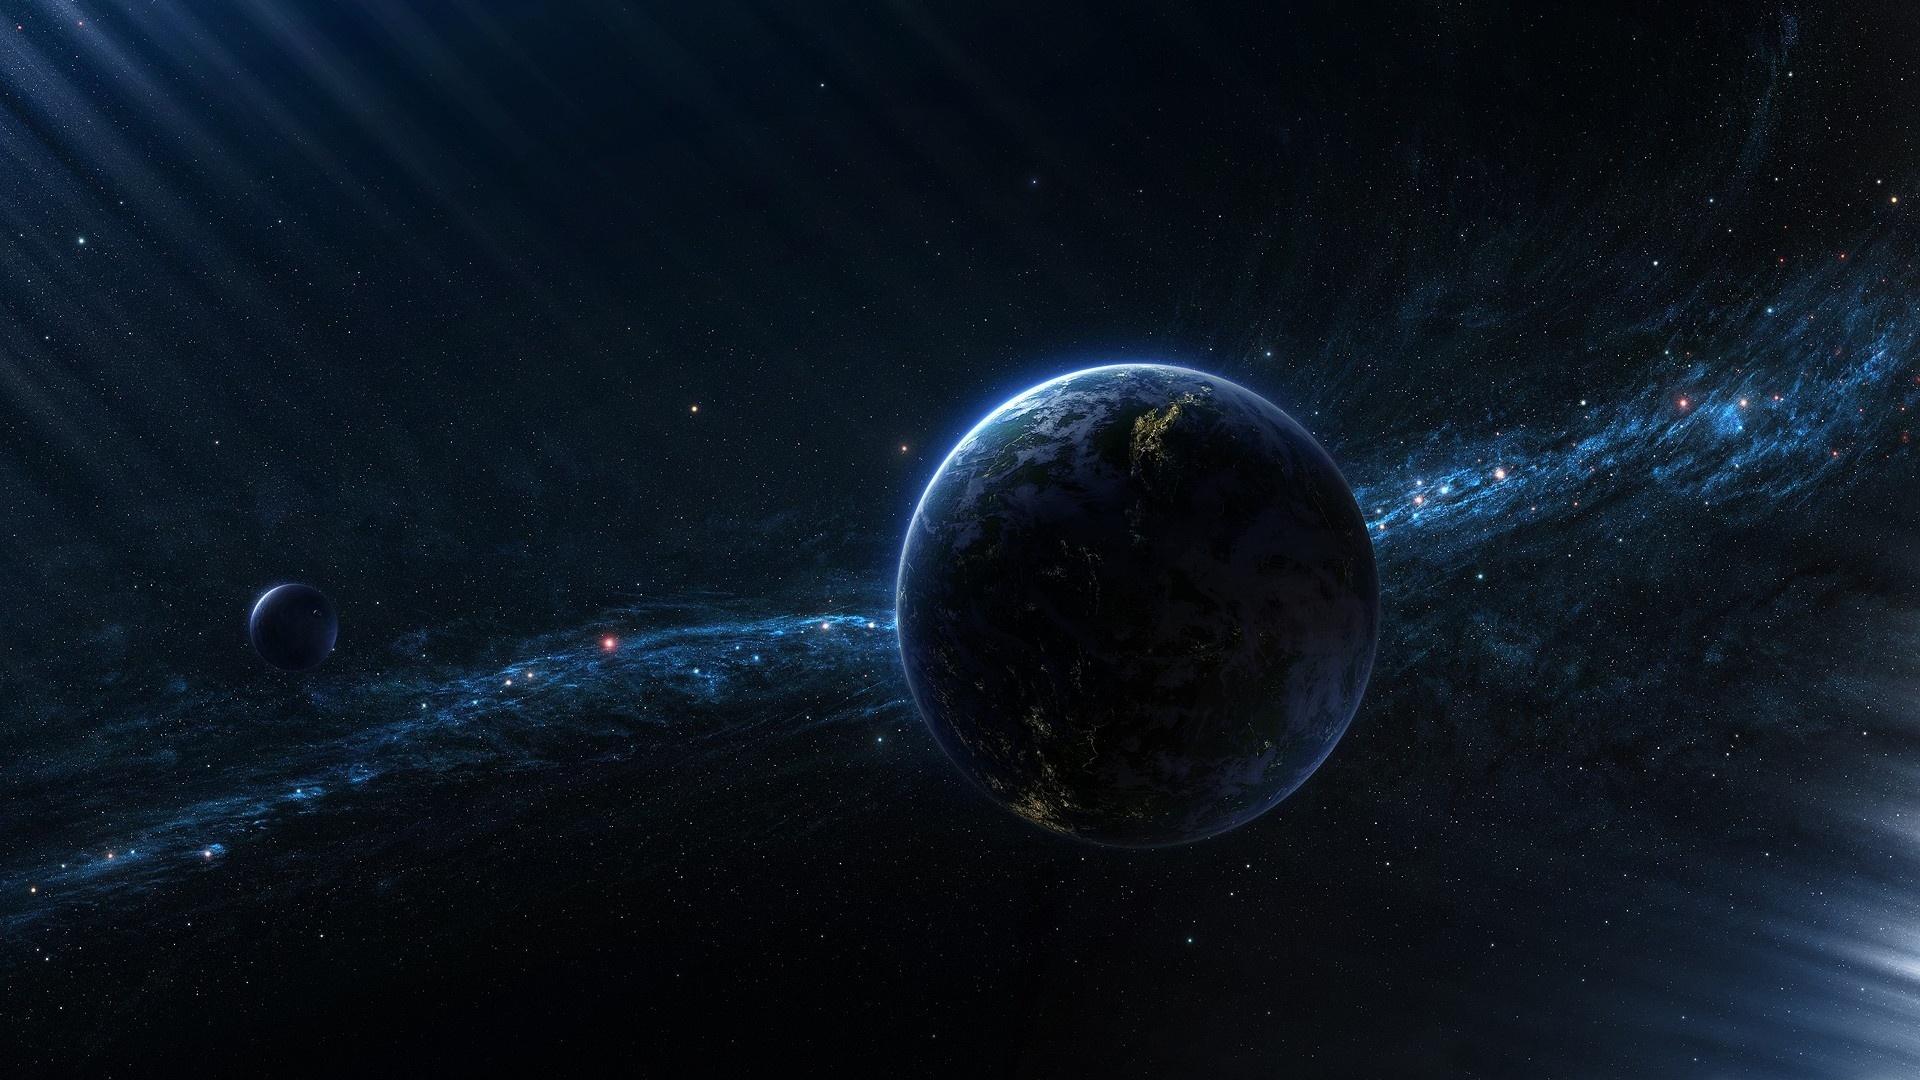 Blue Earth | Full HD Desktop Wallpapers 1080p